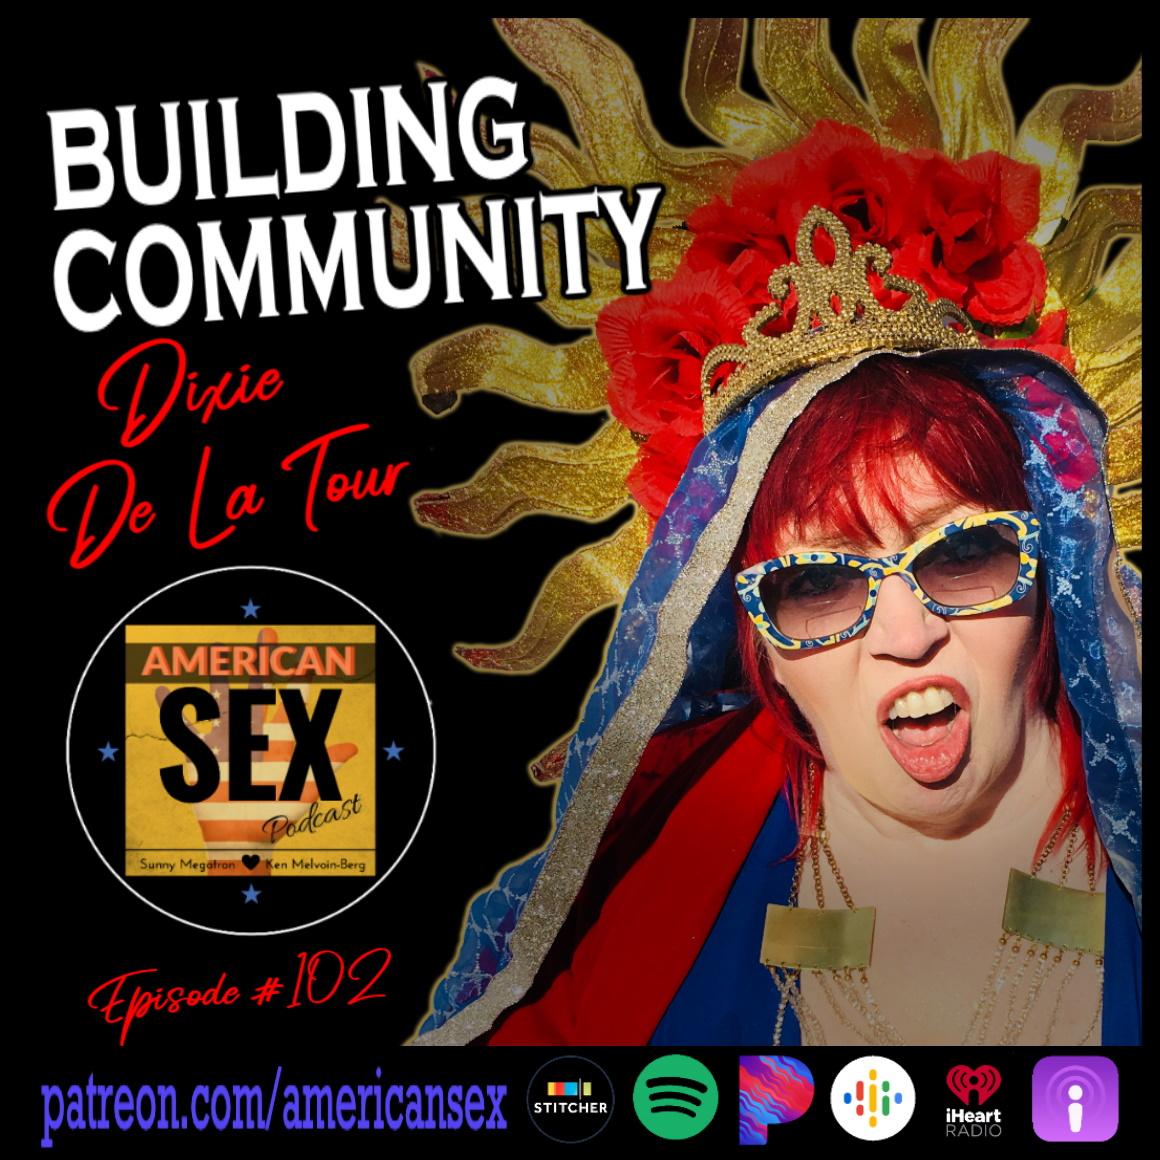 Dixie De La Tour Building Community with Storytelling